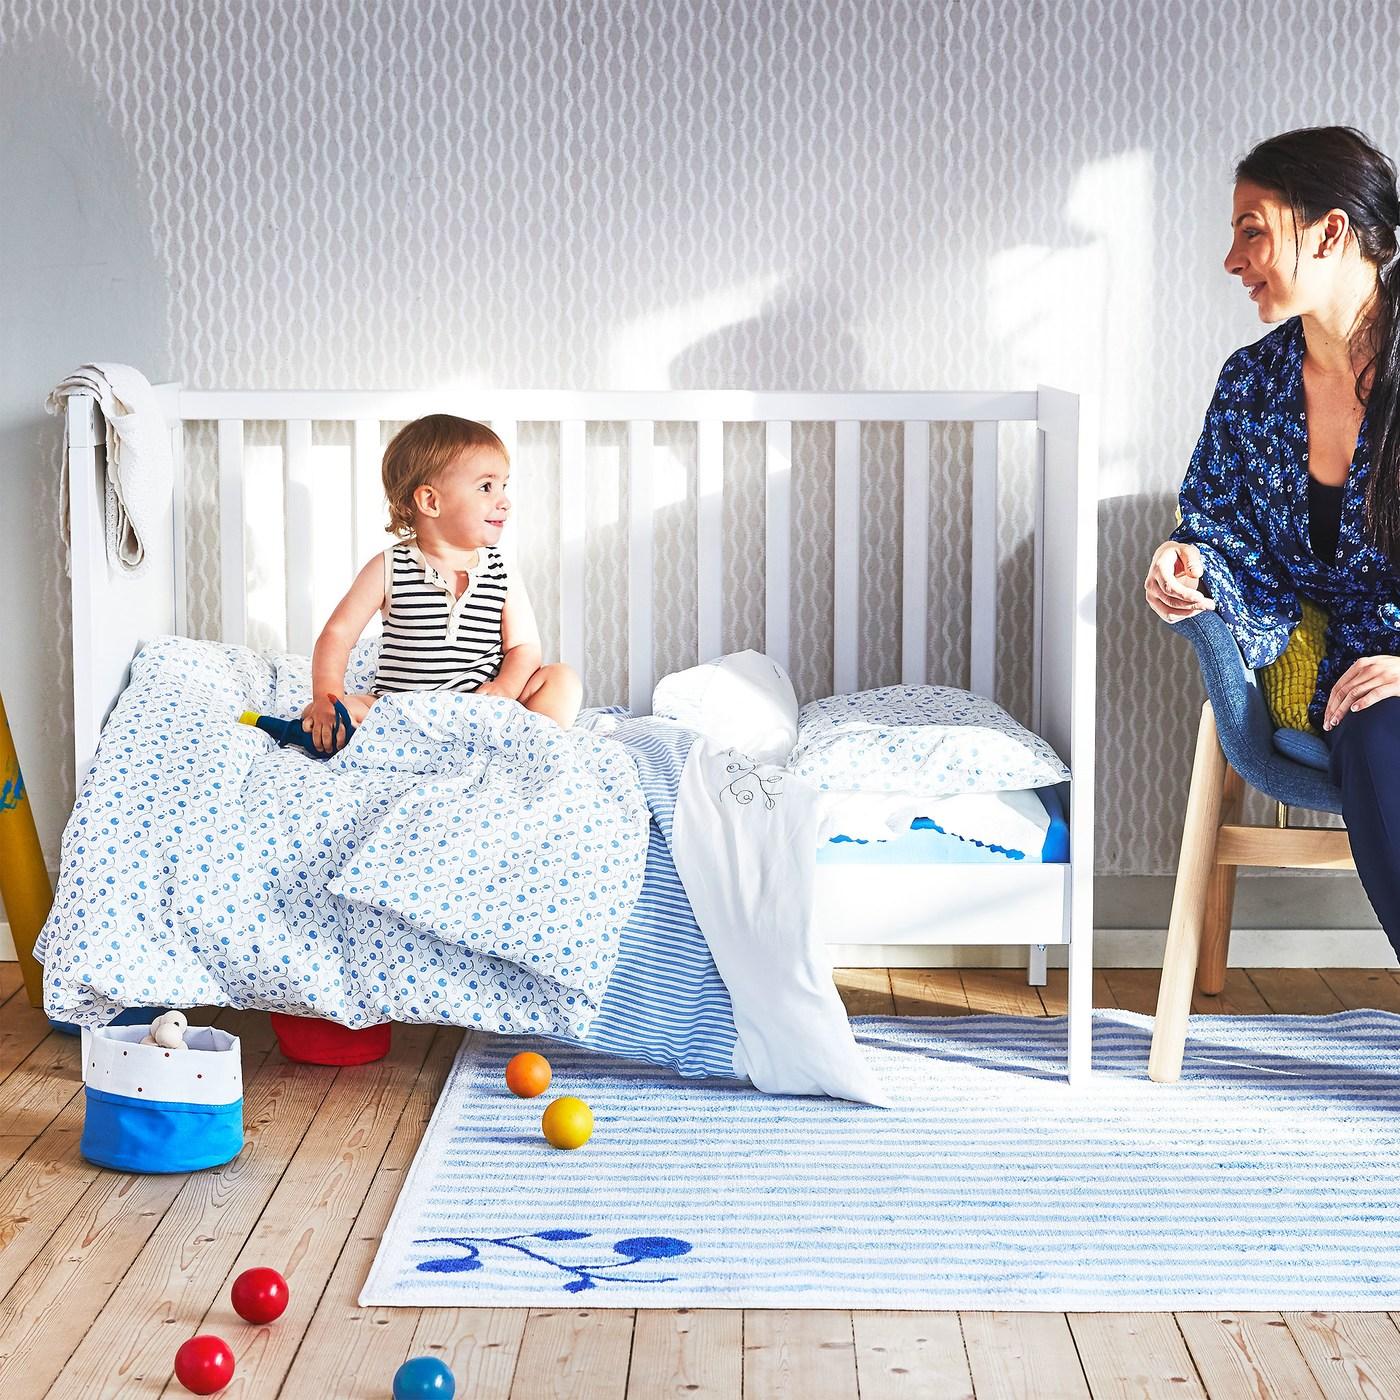 Dětská postýlka s modro-bílými textiliemi GULSPARV. Na podlaze pruhovaný kobereček GULSPARV